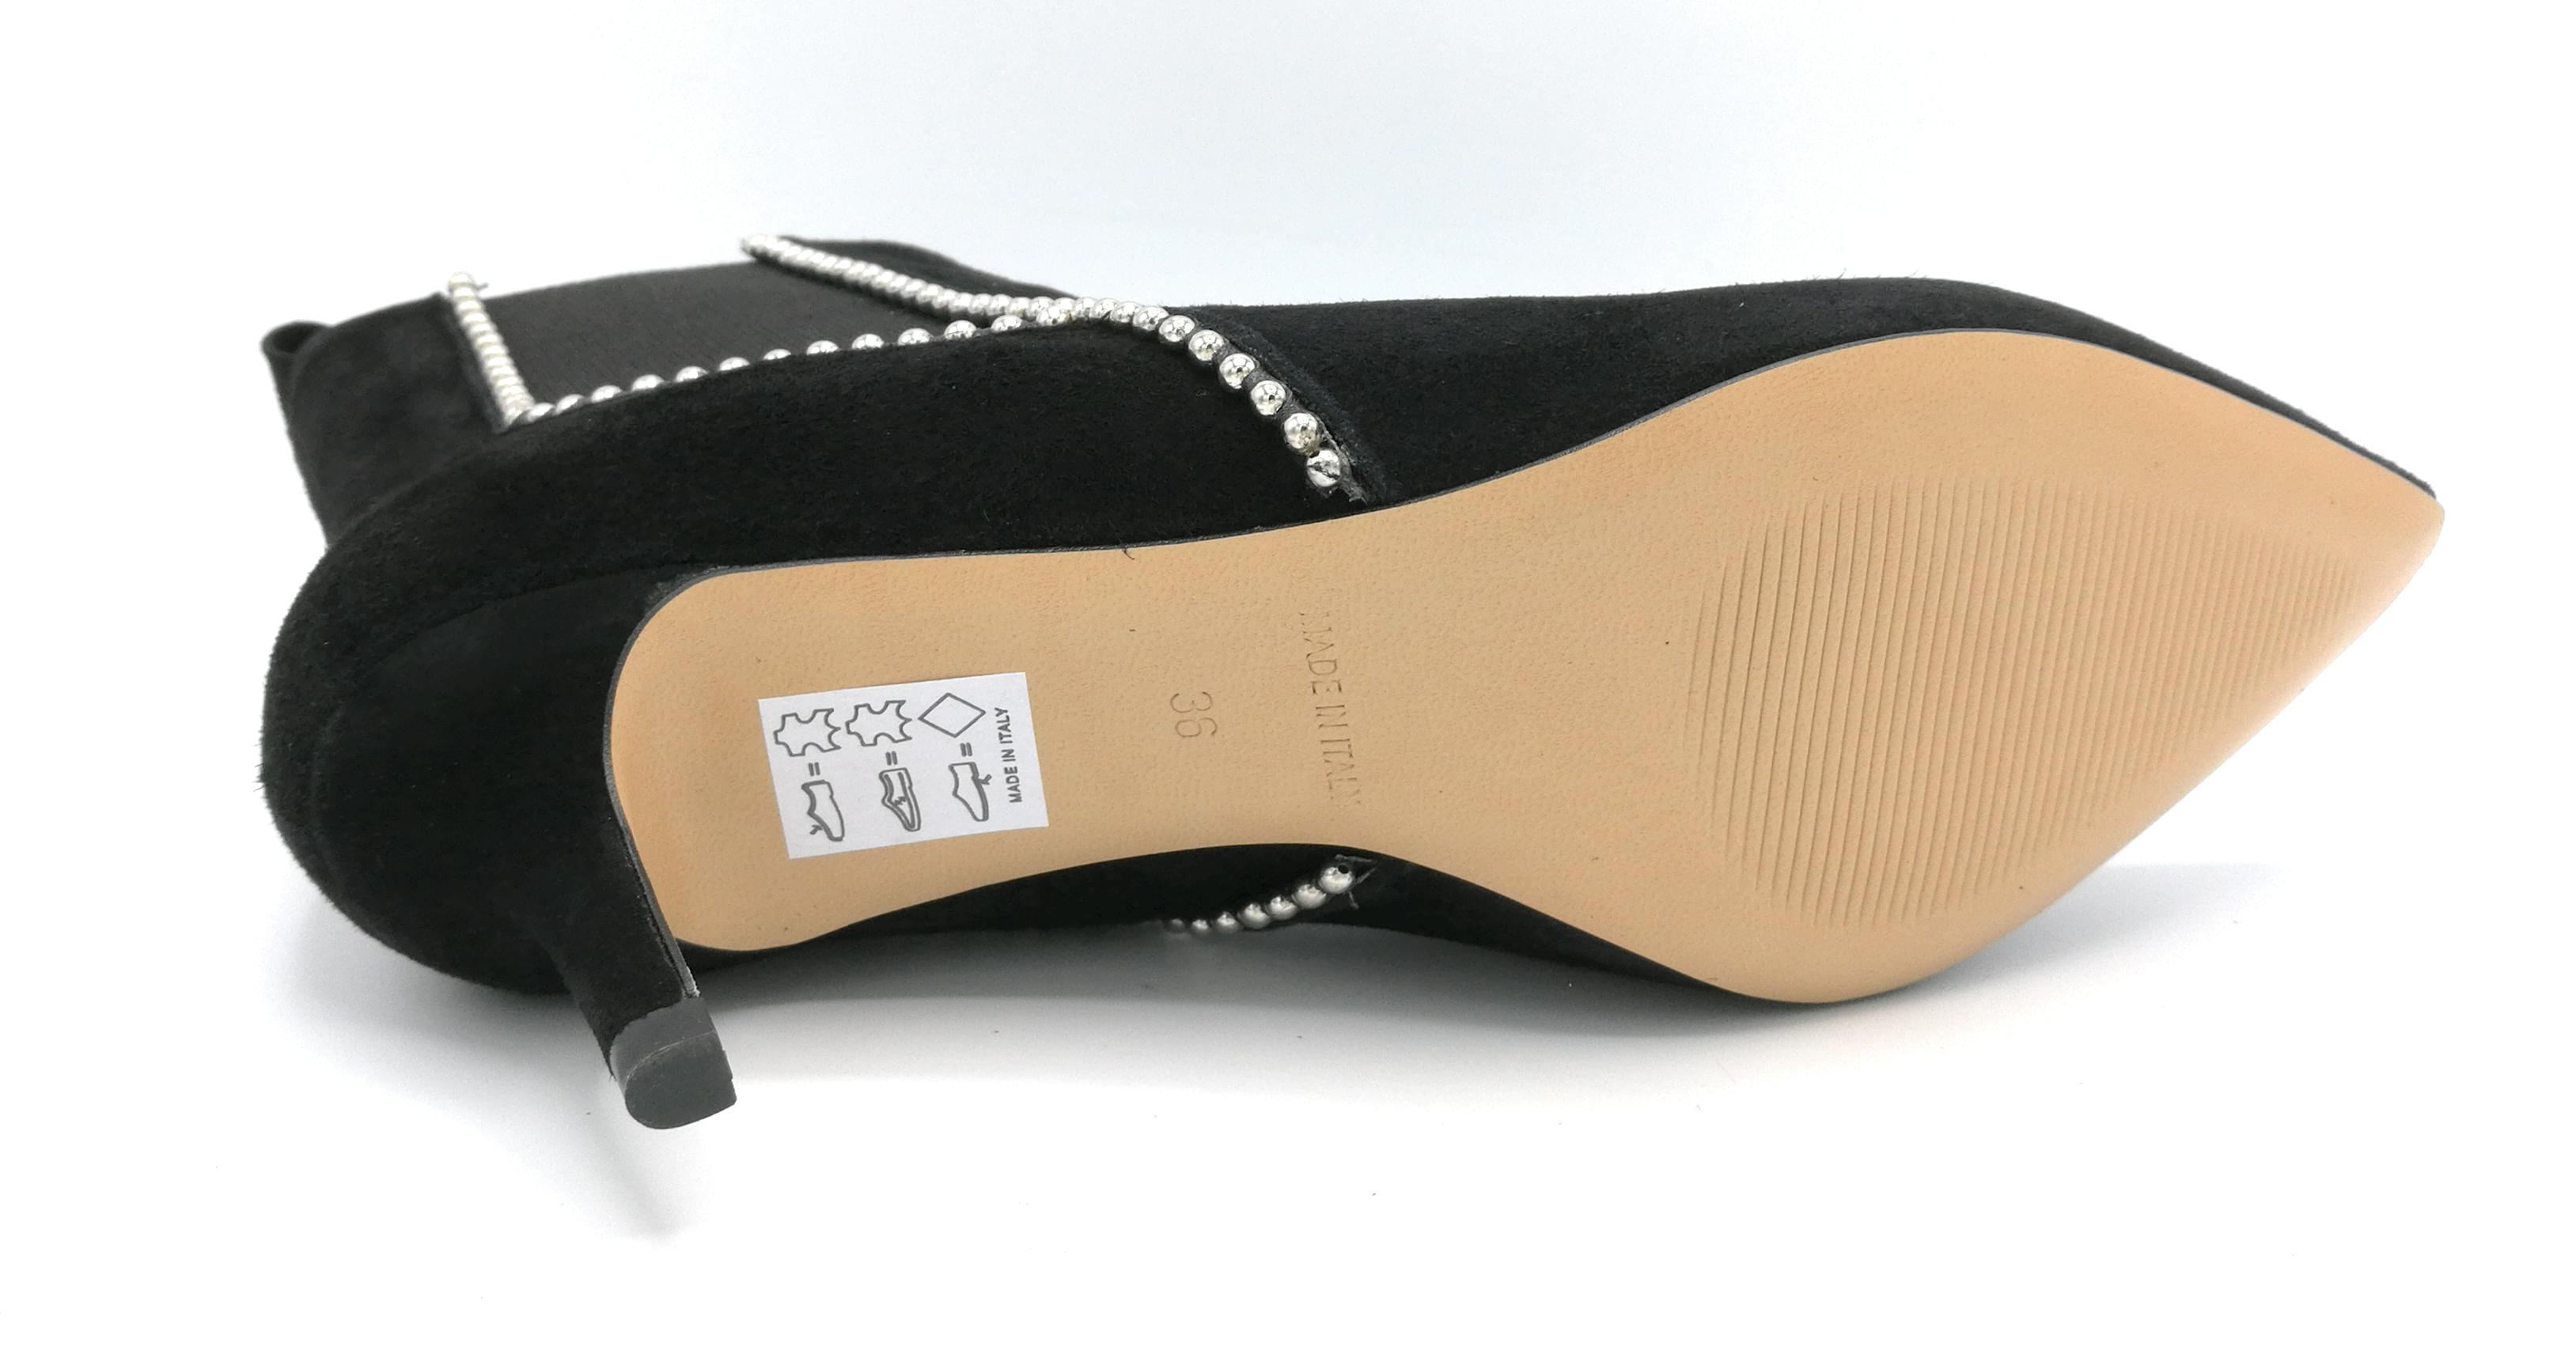 Noa TM schwarz 506 Stiefelette Gämse schwarz TM elastisch Perlen Stahl Absatz 5 cm f2c58a